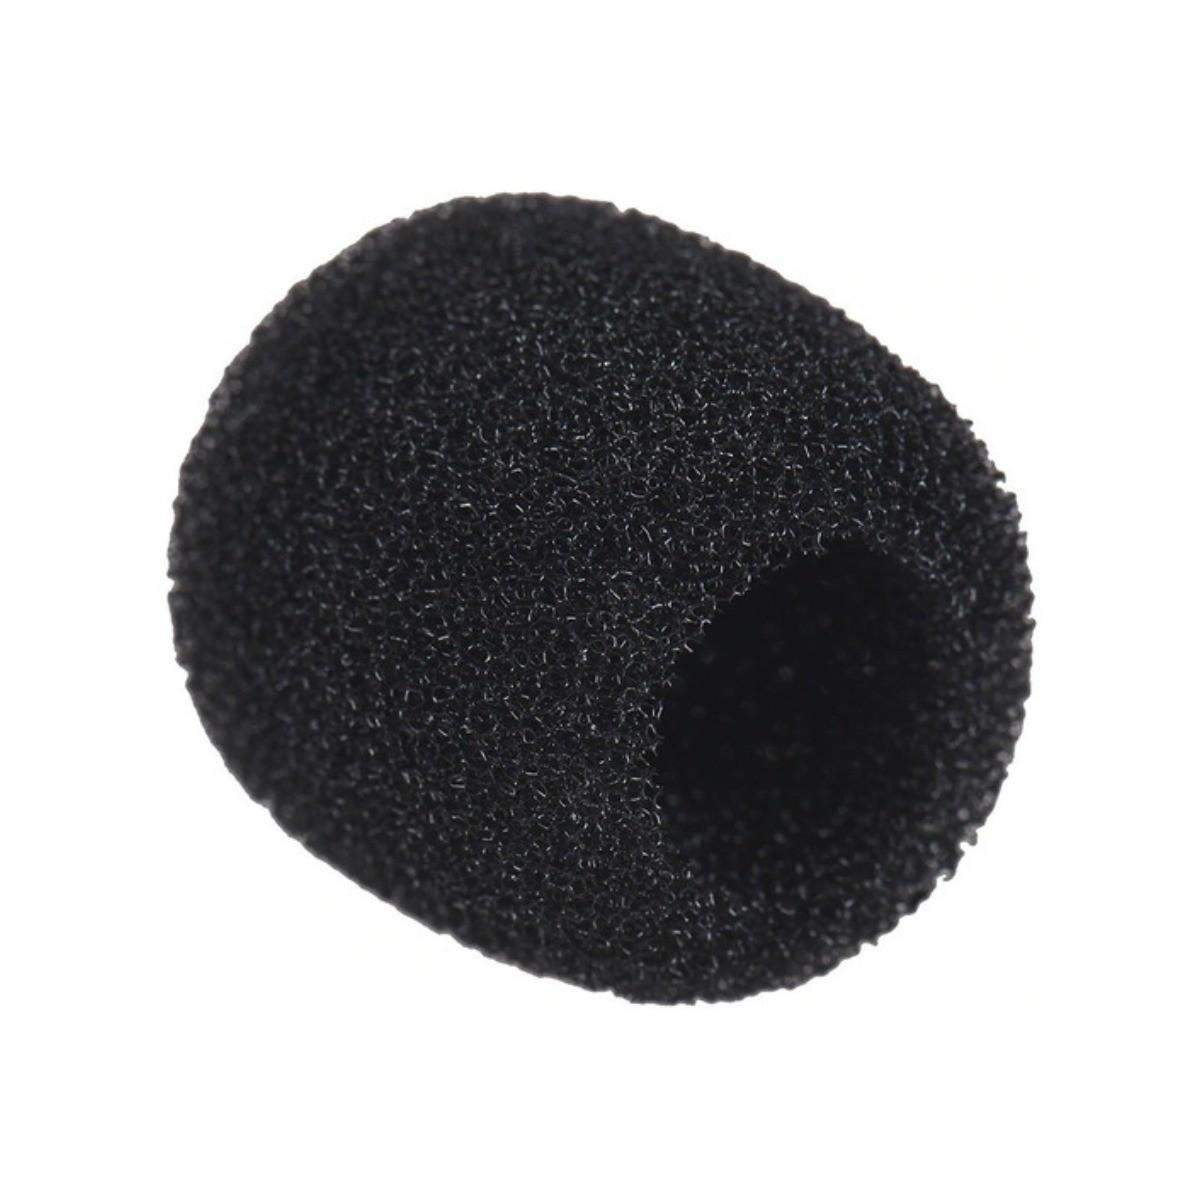 Espuma para microfone lapela ou headset AK027  - Casa do Roadie